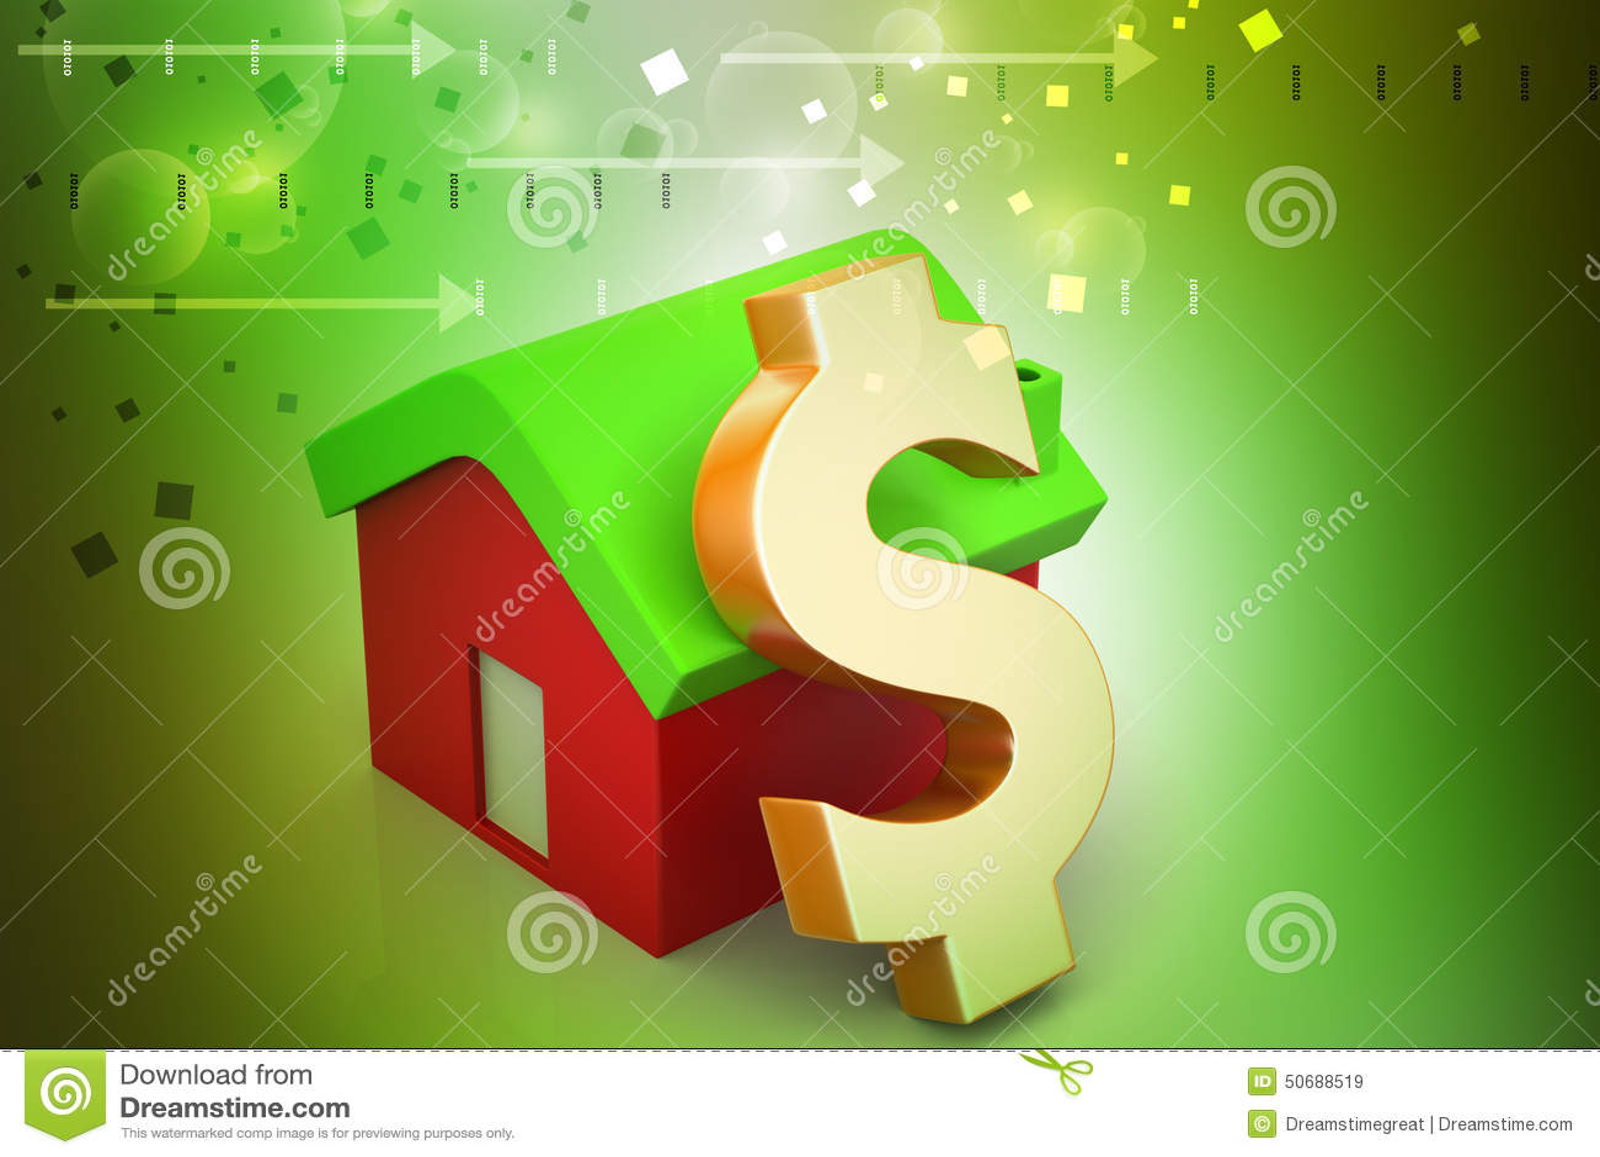 Download 背景概念美元庄园房子投资难题实际白色 库存例证. 插画 包括有 例证, 投资, 生活, 美元, 回报, 贷款 - 50688519